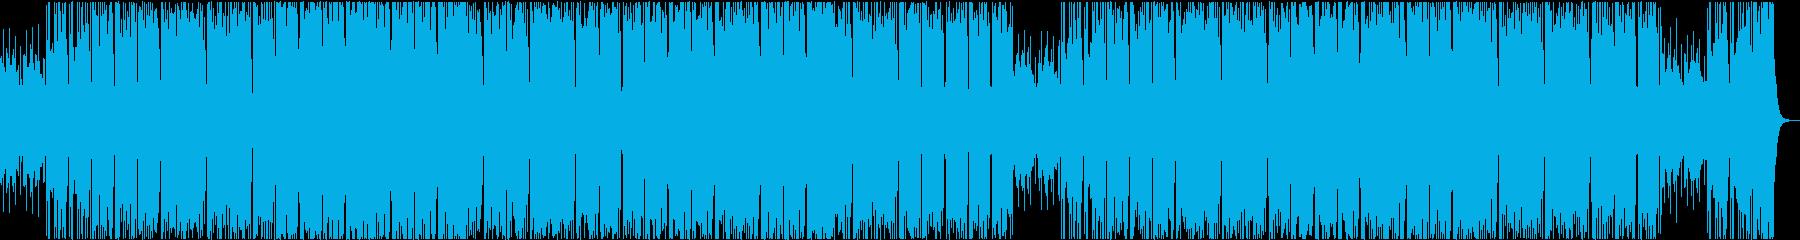 おだやか/シンプル/静かめの再生済みの波形